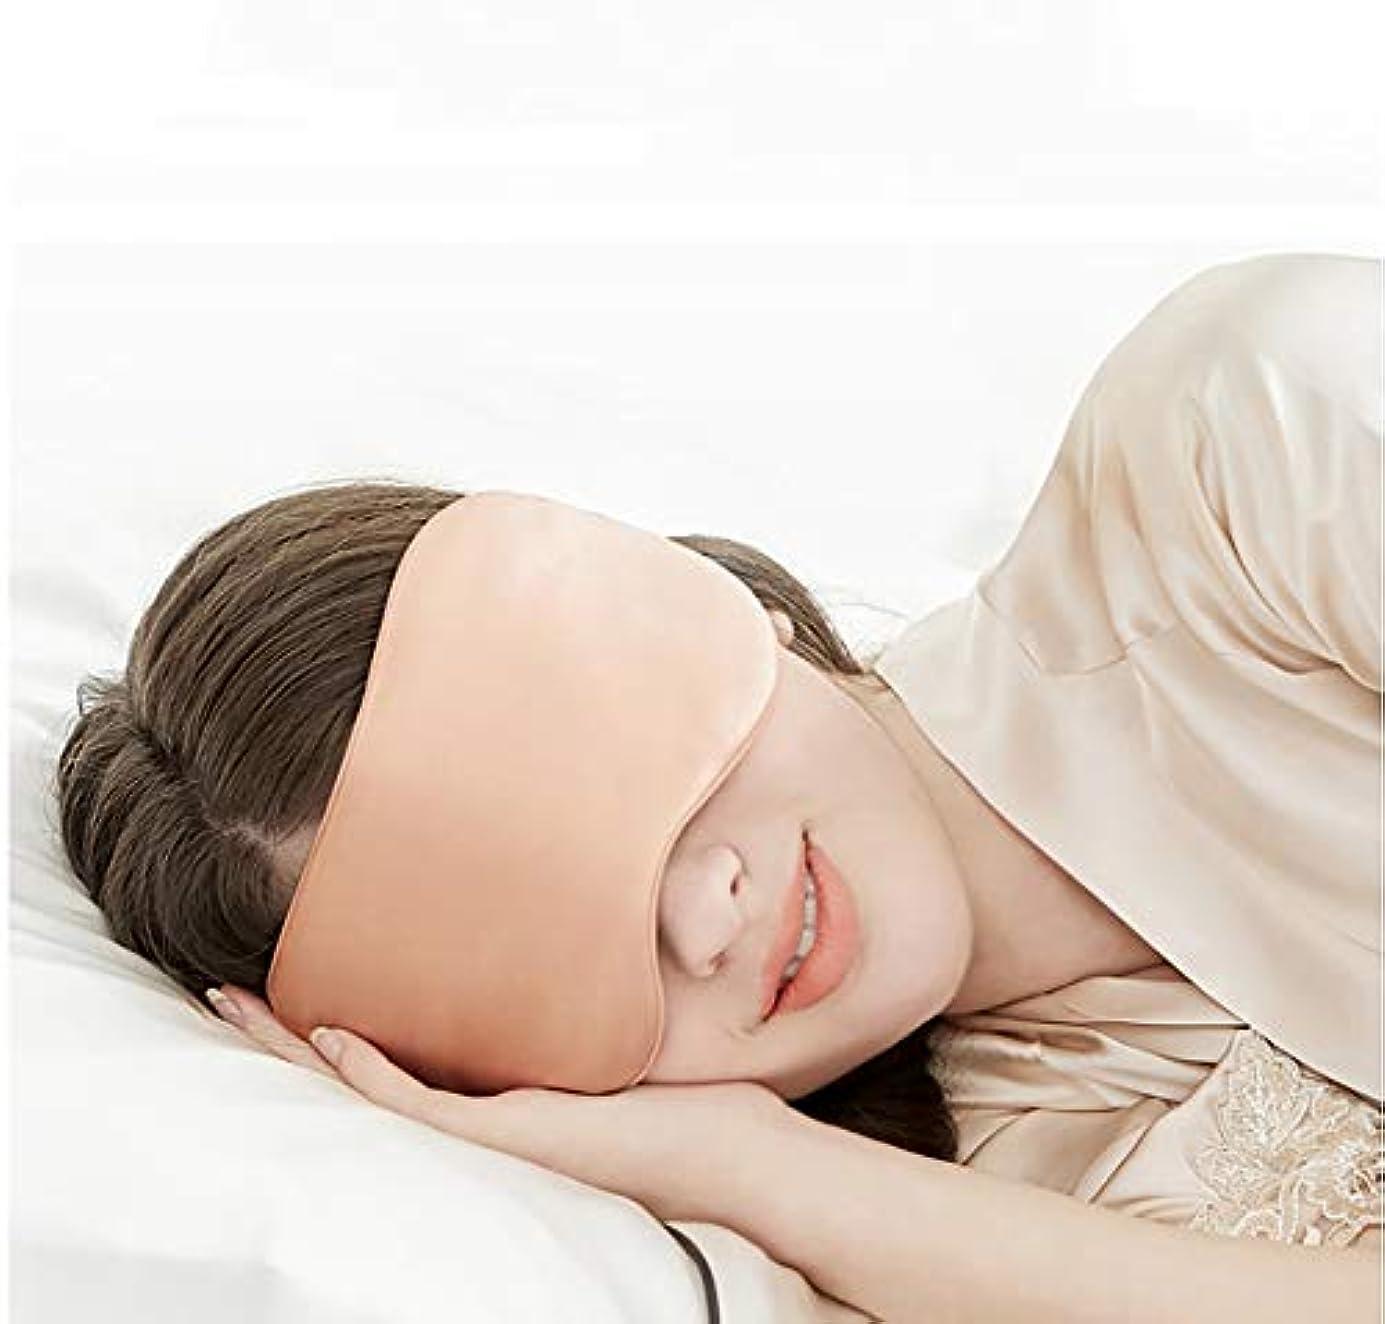 進捗ご意見不当スチームホットアイマスクアイマッサージャーシルクインテリジェント温度制御軽量調整可能洗える目の疲れを軽減